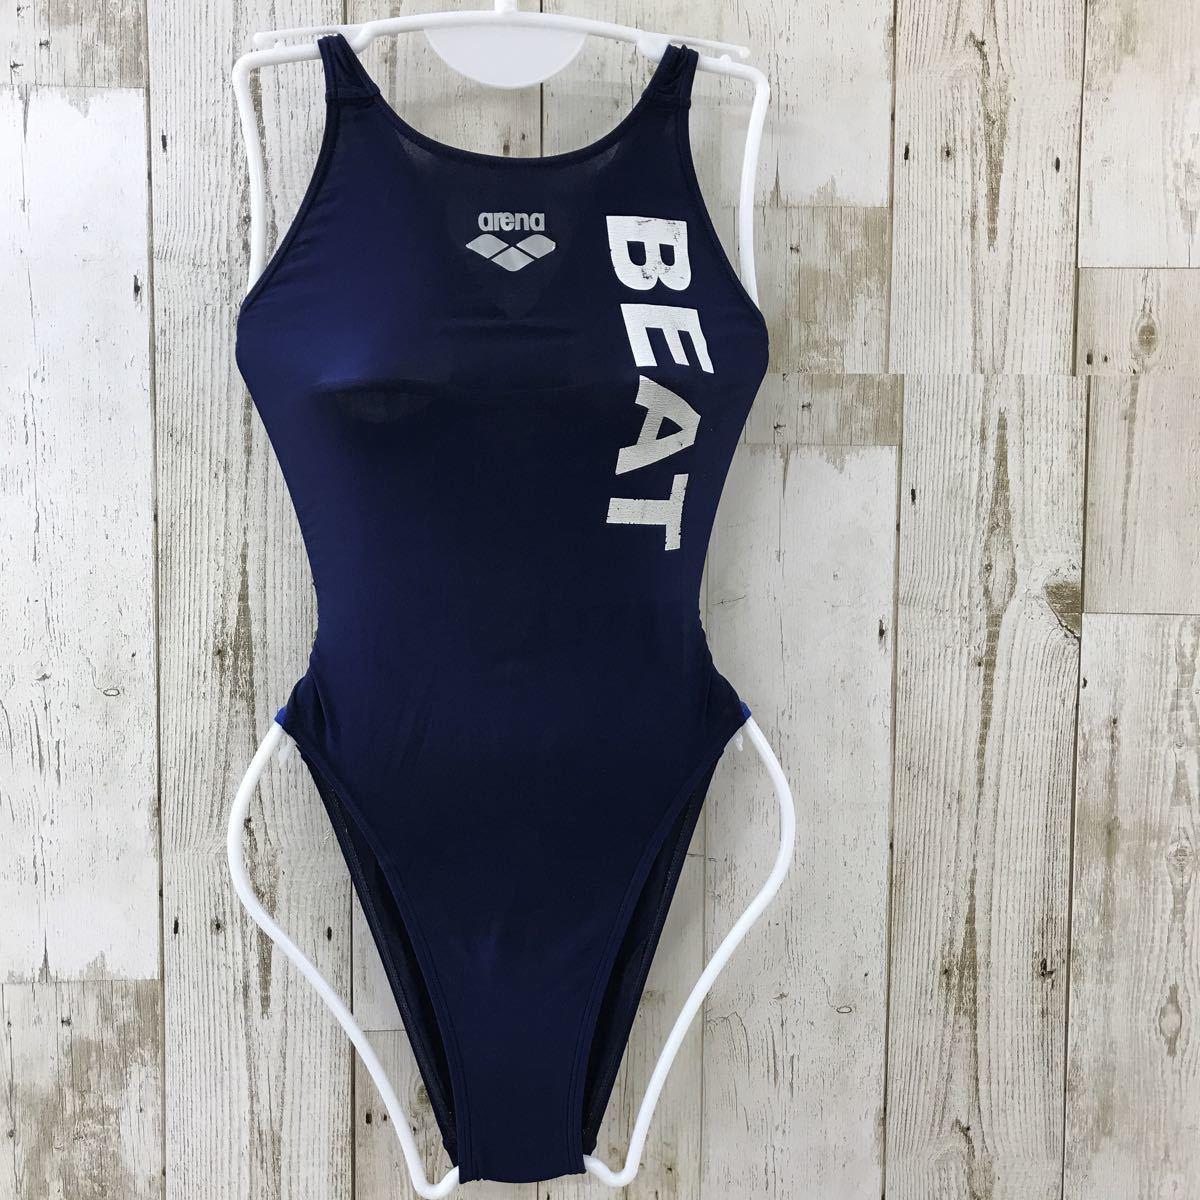 【ha27ss】競泳水着 arena SSサイズ BEAT スイミングスクール 選手用